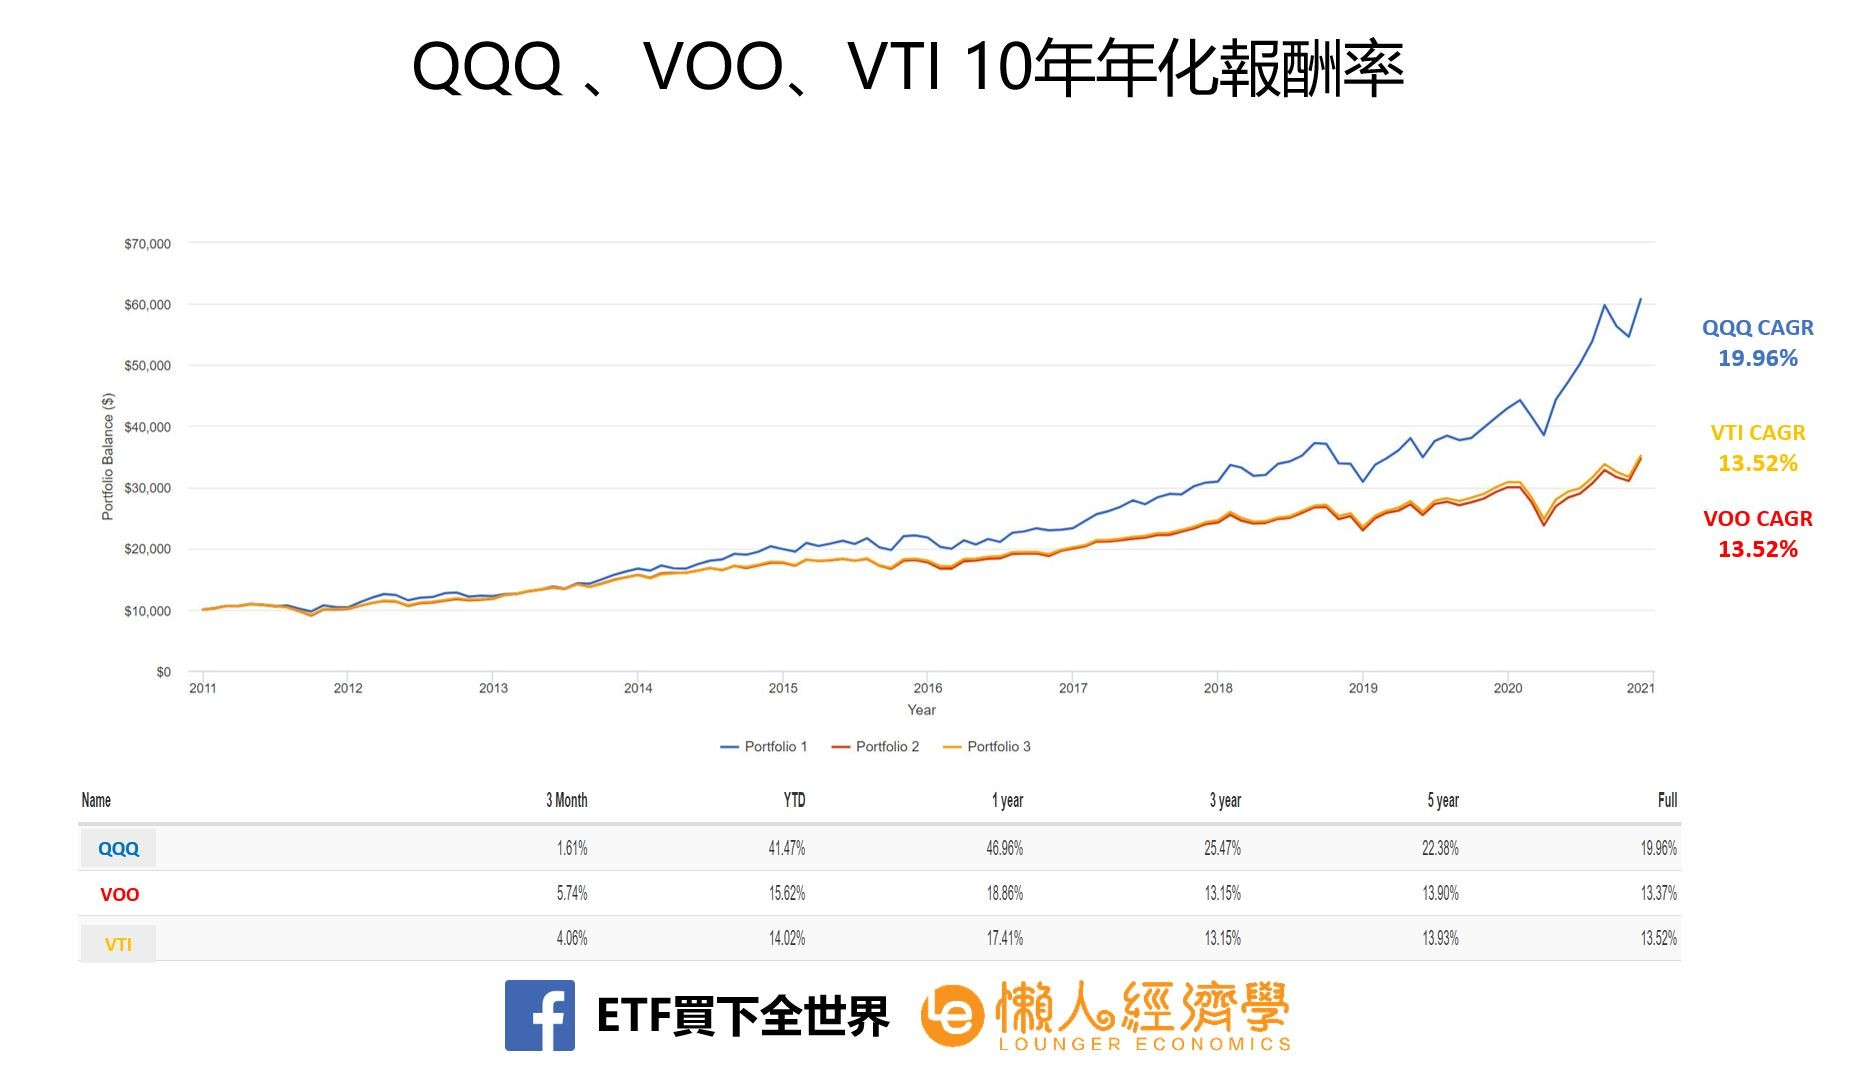 QQQ v.s. VOO v.s. VTI 10年年化報酬率